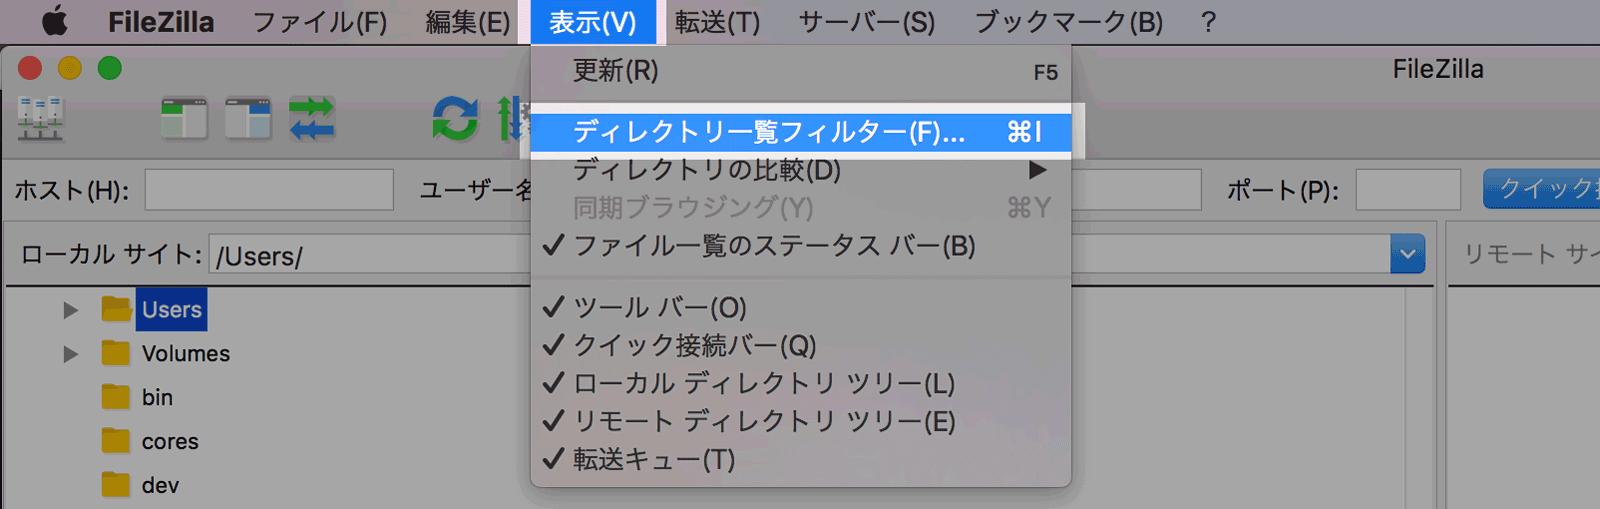 表示→ディレクトリー一覧フィルターからフィルターを設定する